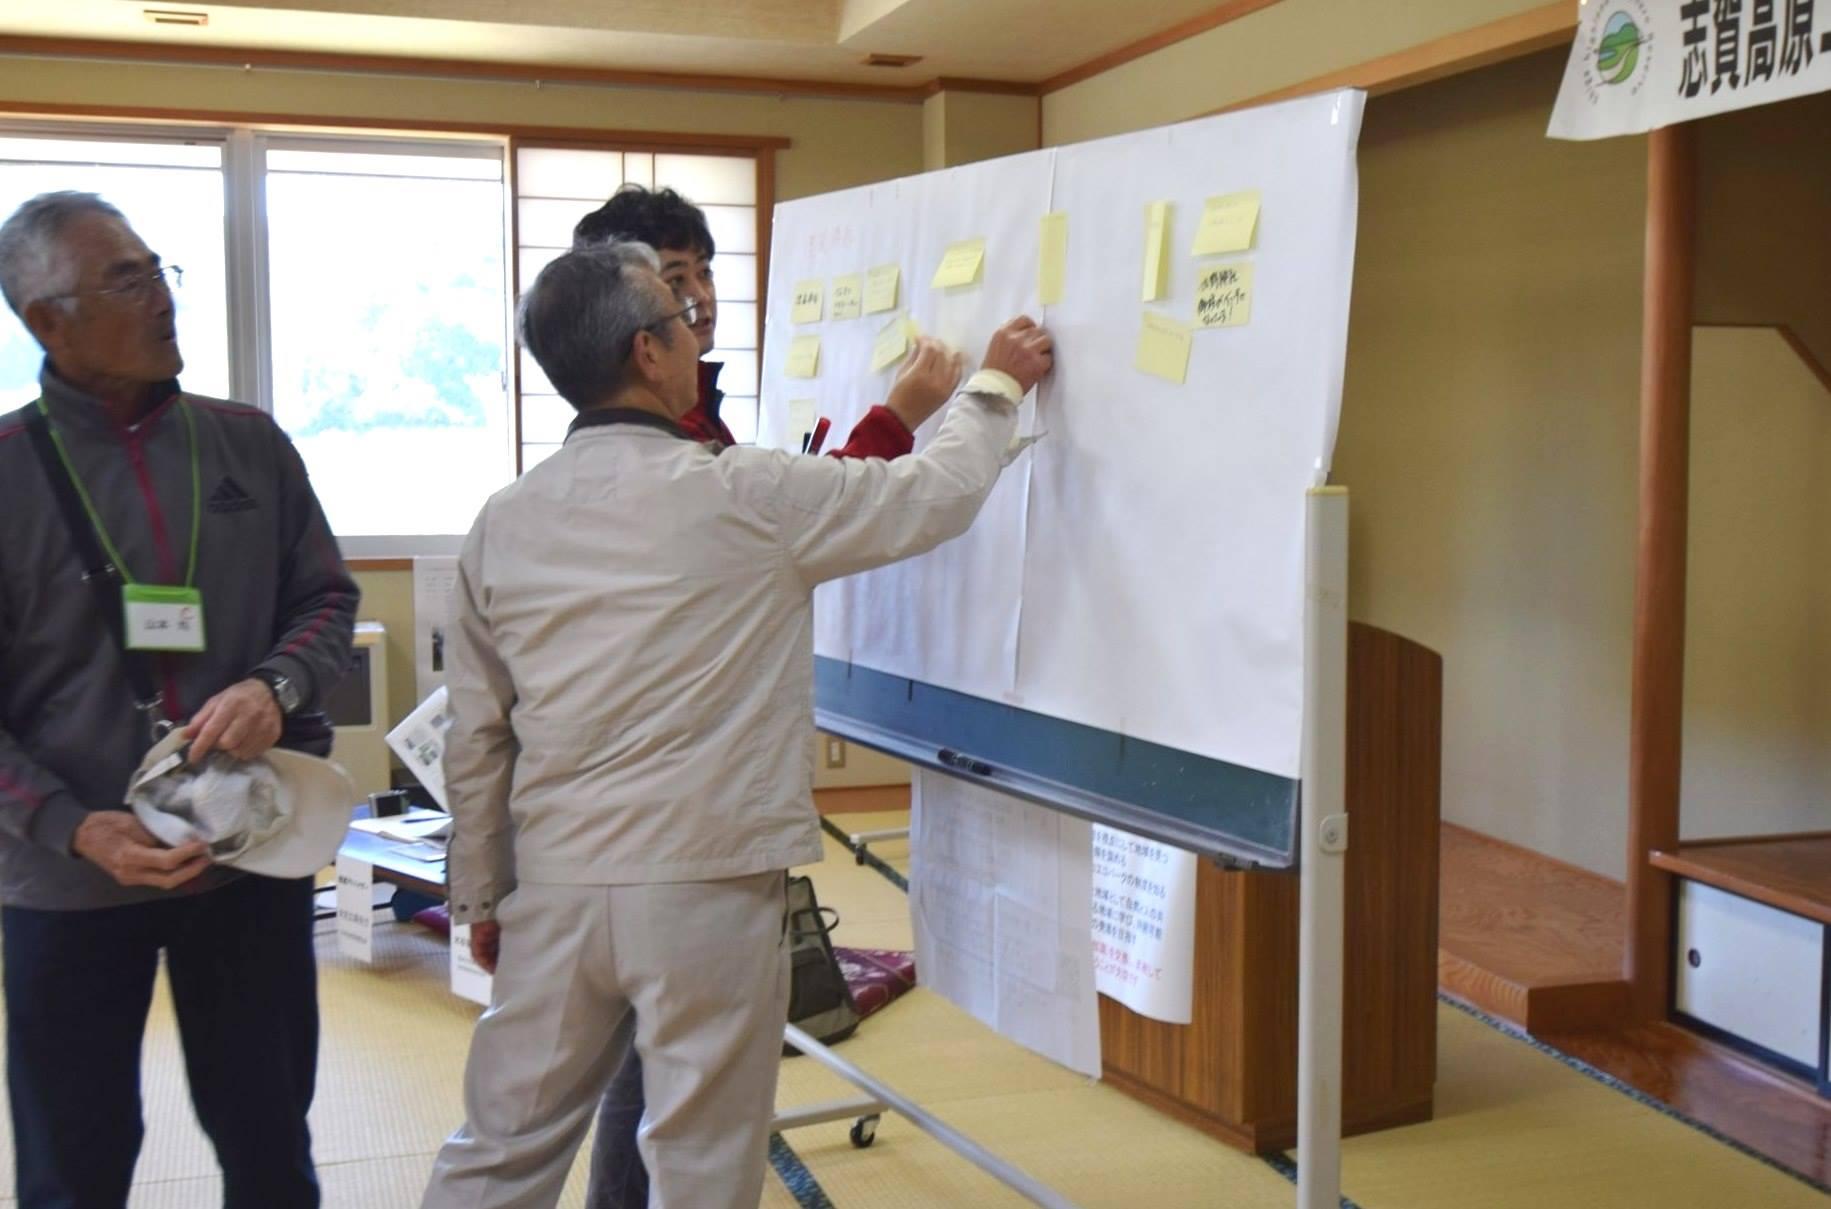 山ノ内町ユネスコエコパーク-yamanouchi, culture-志賀高原ユネスコエコパーク第3回セミナー開催